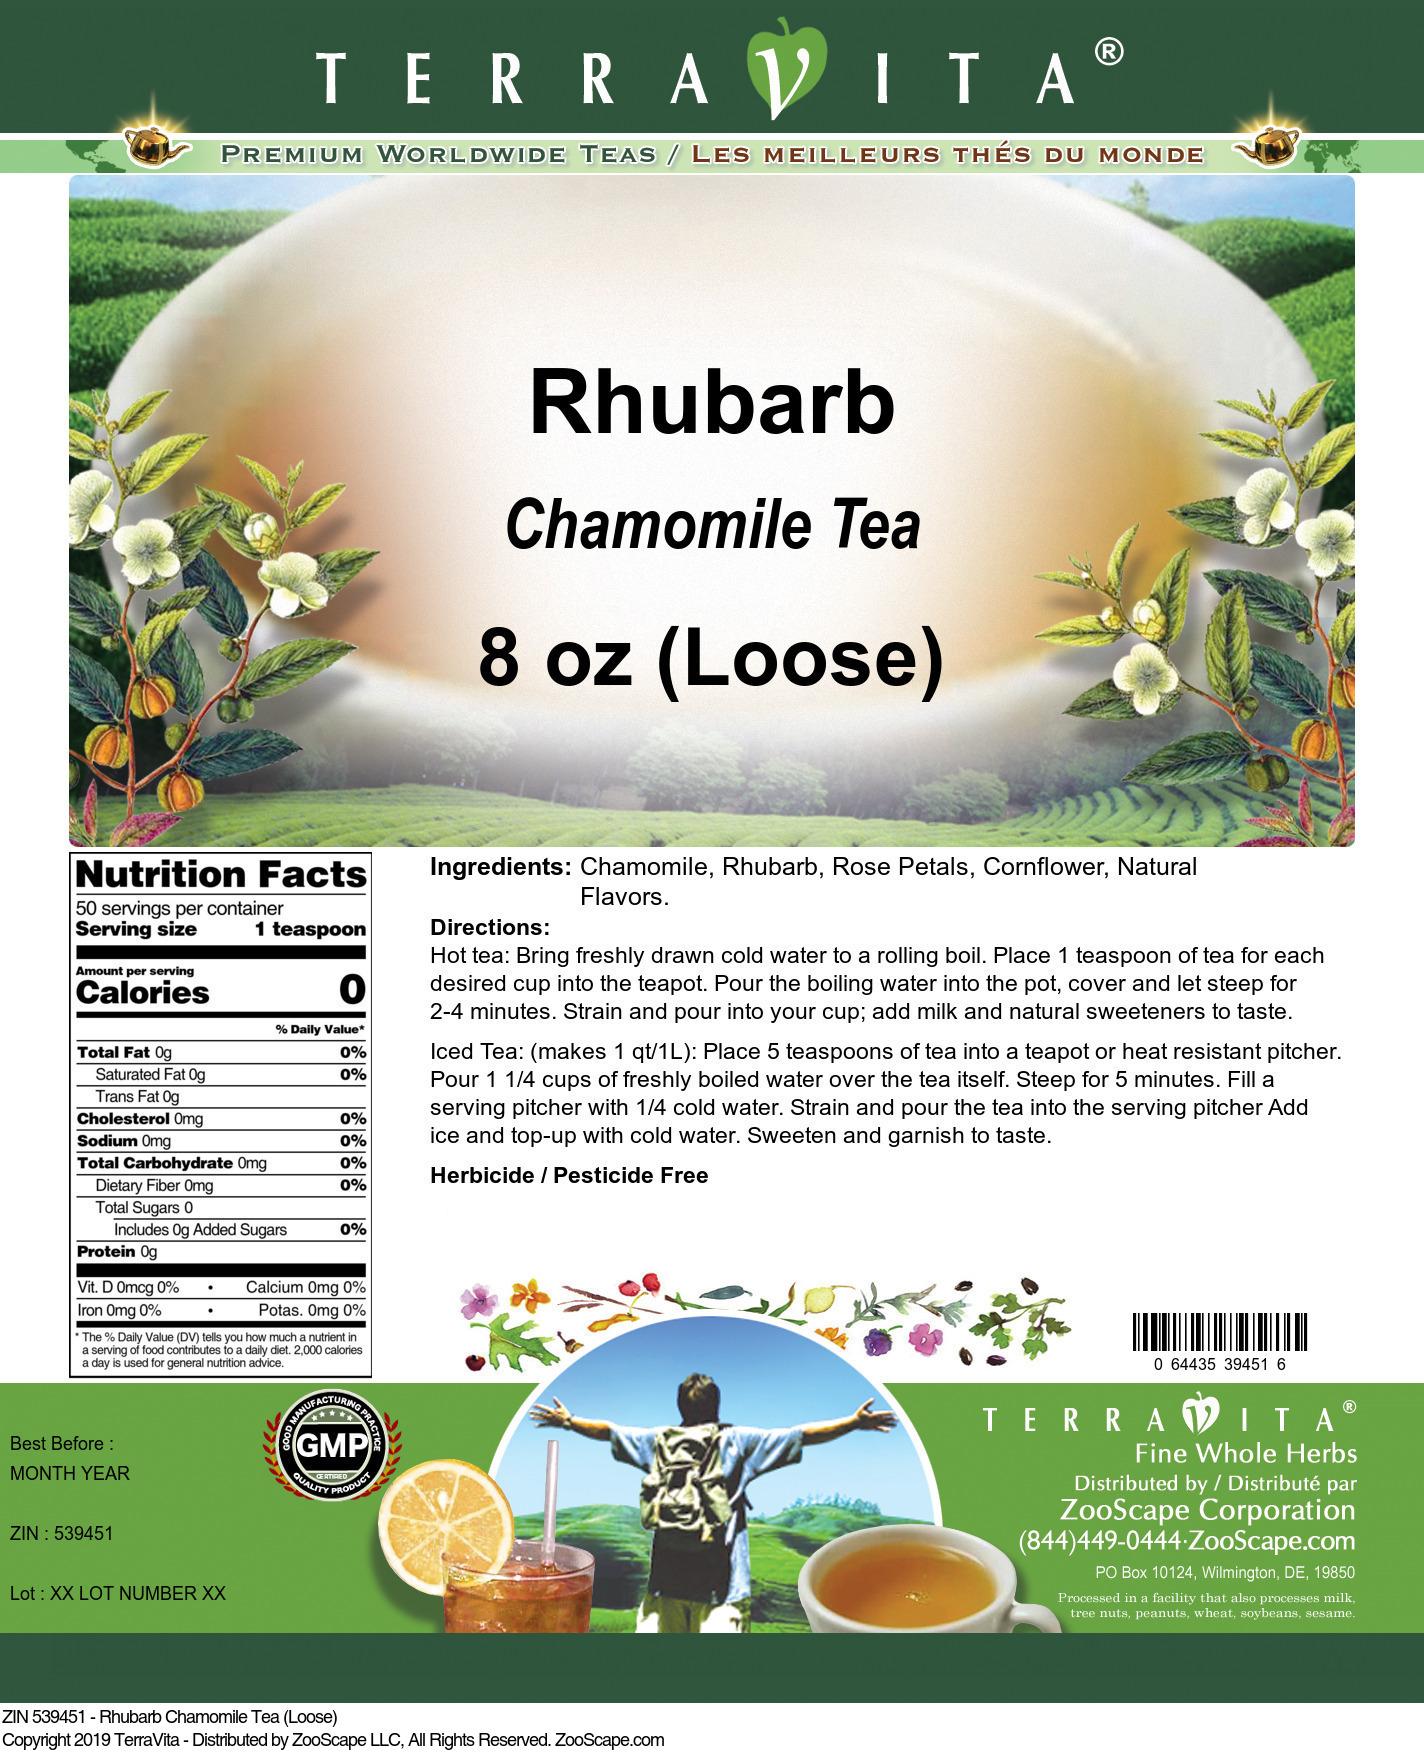 Rhubarb Chamomile Tea (Loose)